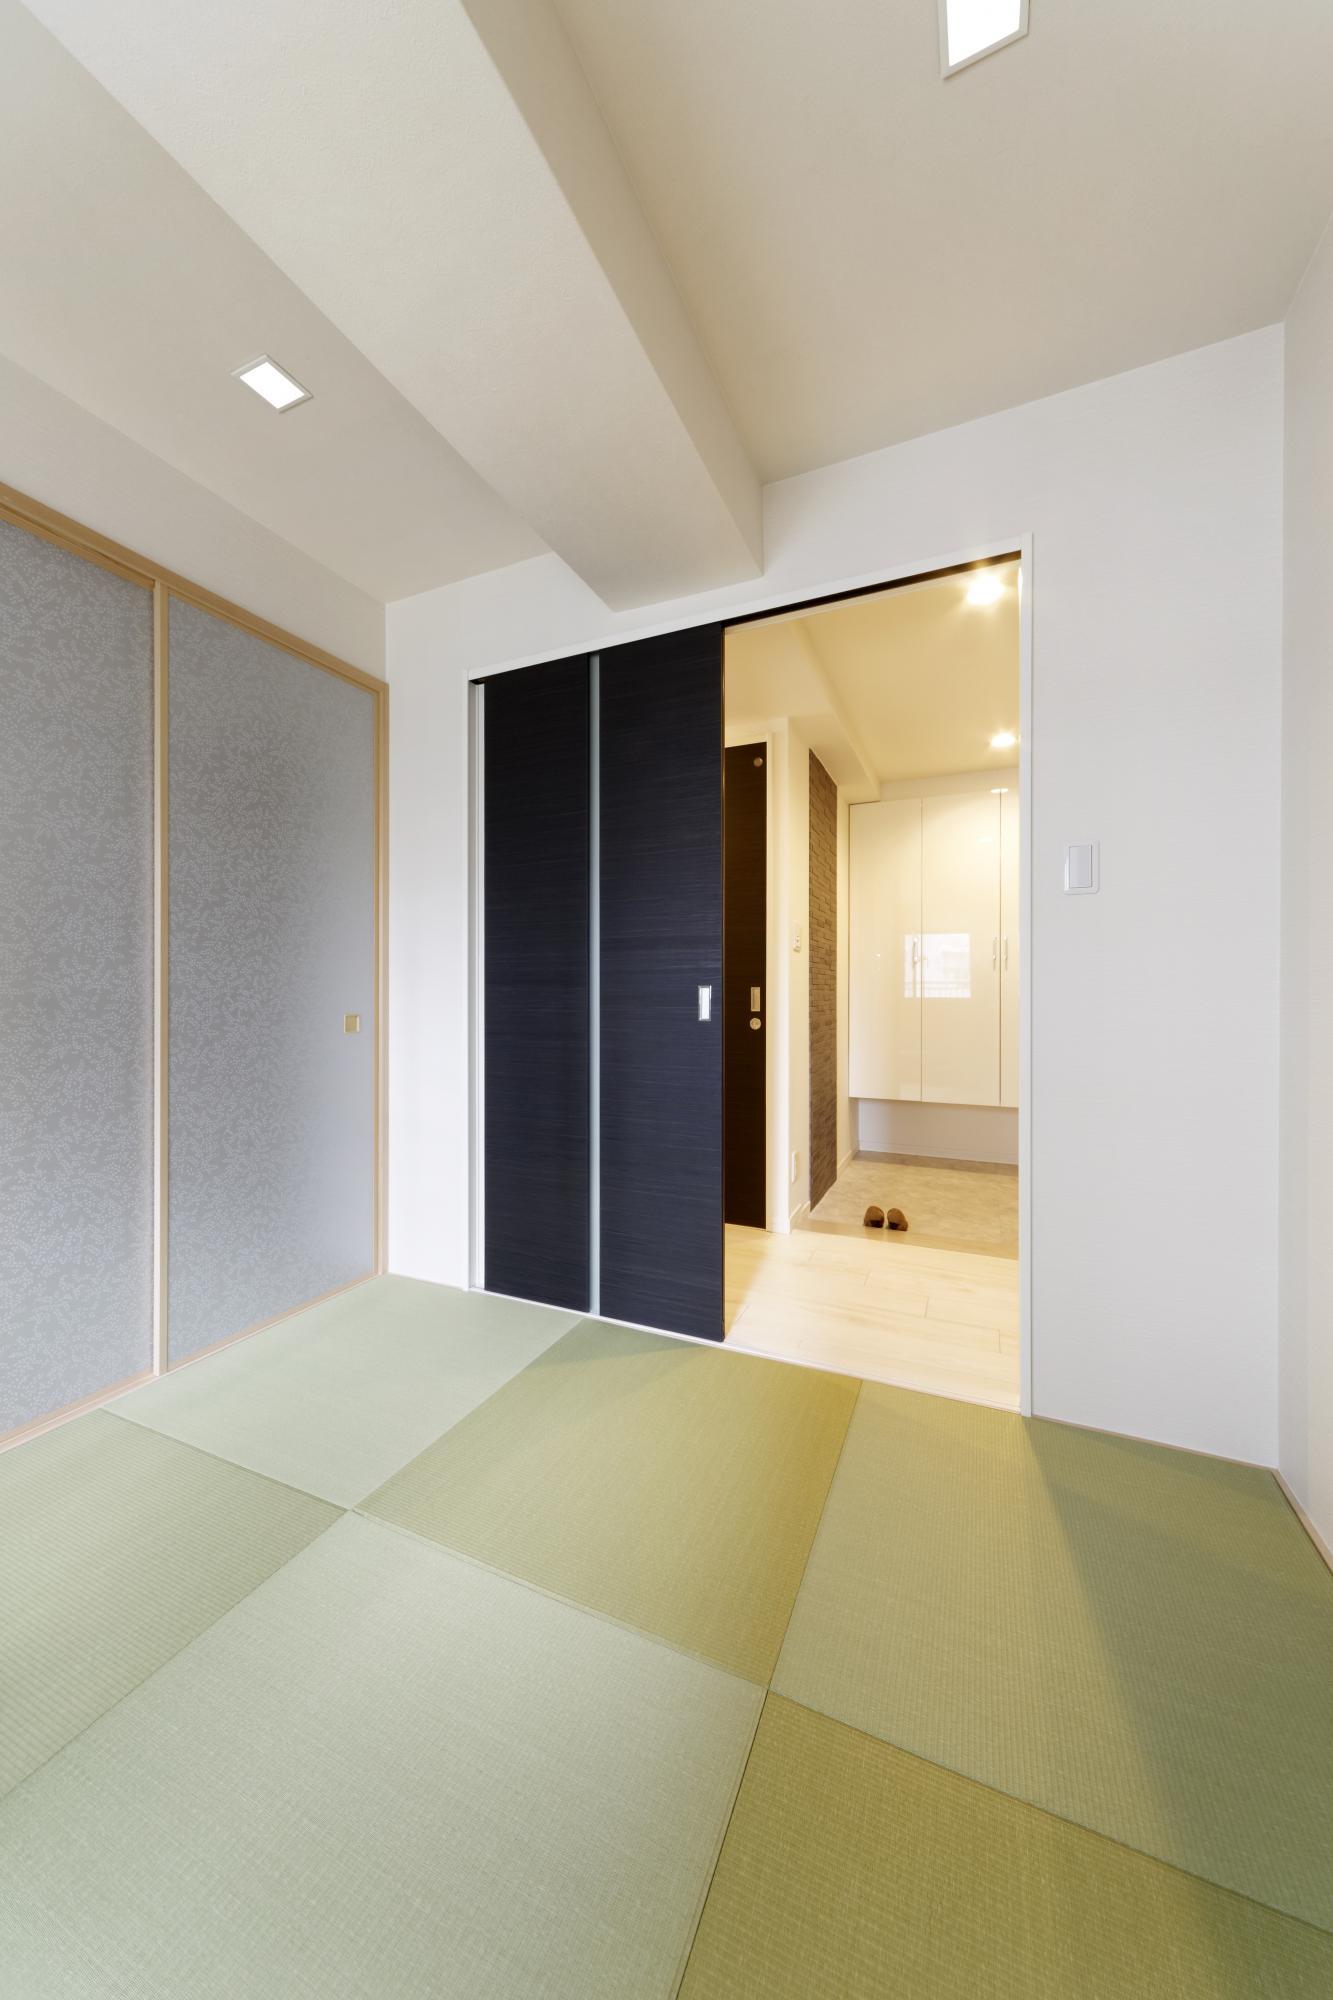 玄関横に新たに設けた和室。照明はダウンライトにして天井をすっきりさせた。押入れの並びに仏間を設けている。